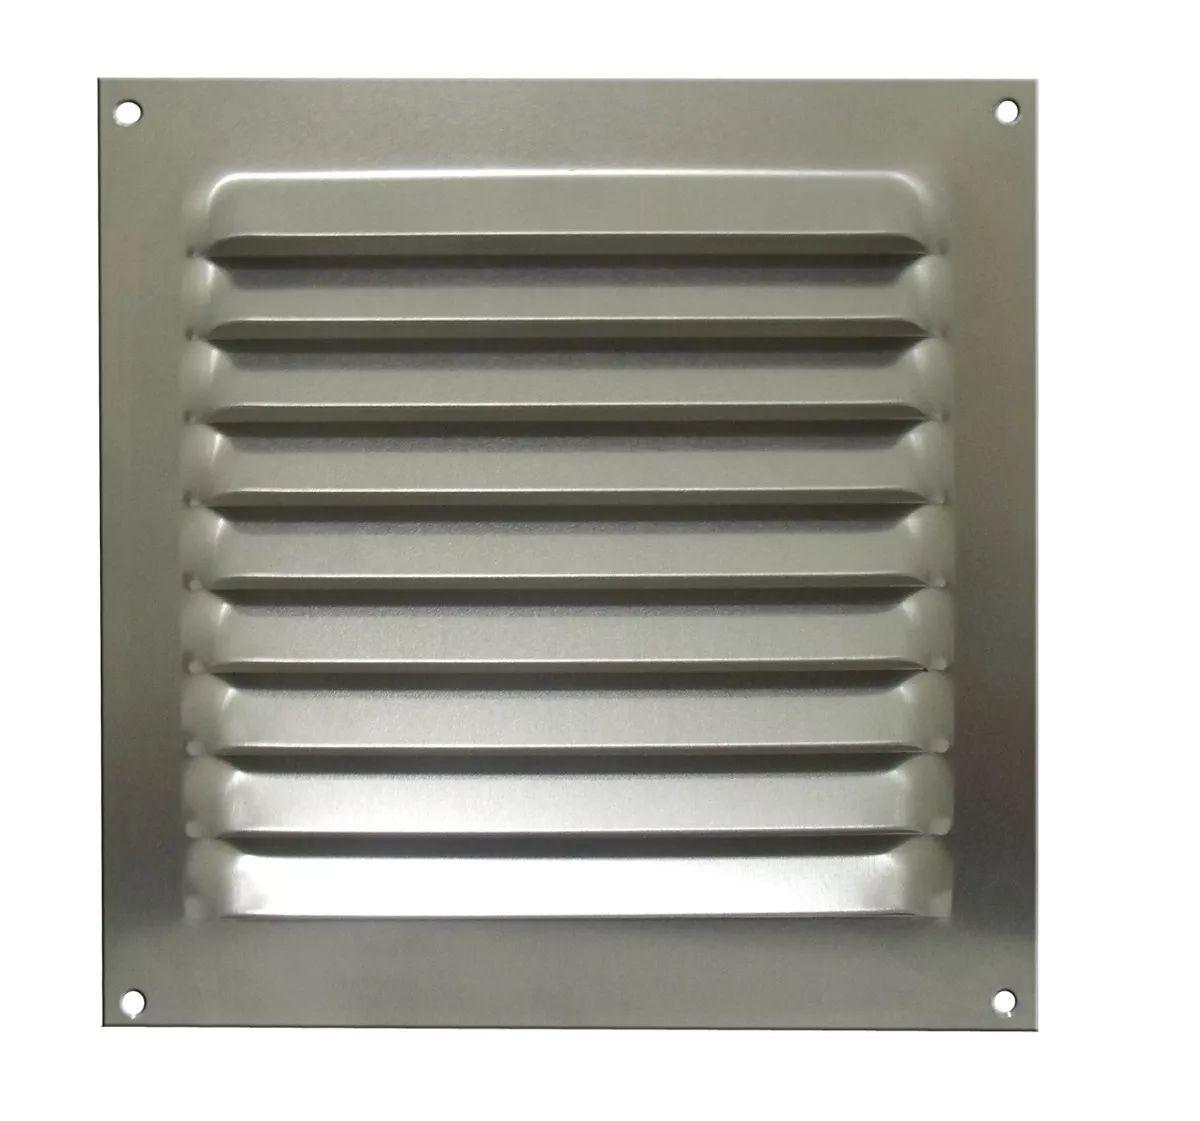 Grade De Ventilação Quadrada Alumínio 20x20 Cm Itc Kit com 20 Unidades